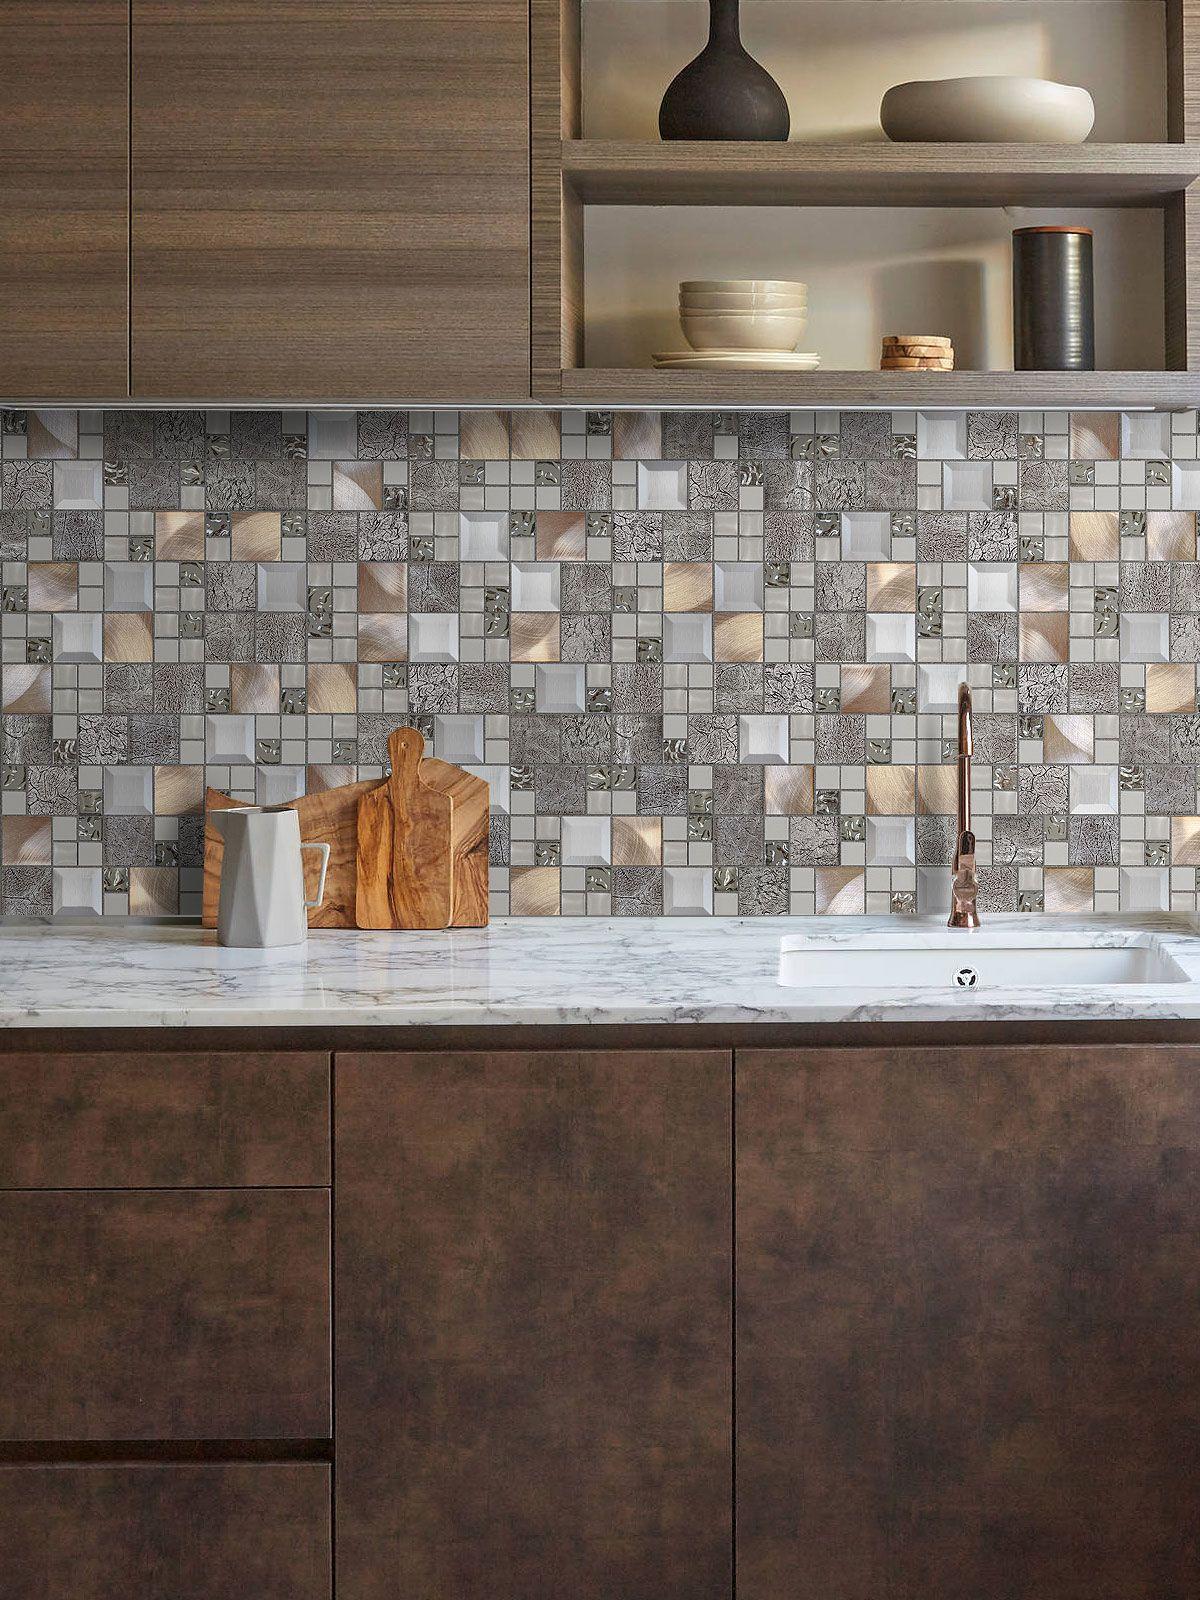 Glass Metal Gray Copper Mosaic Backsplash Tile Backsplash Com Copper Mosaic Backsplash Kitchen Backsplash Trends Kitchen Backsplash Pictures